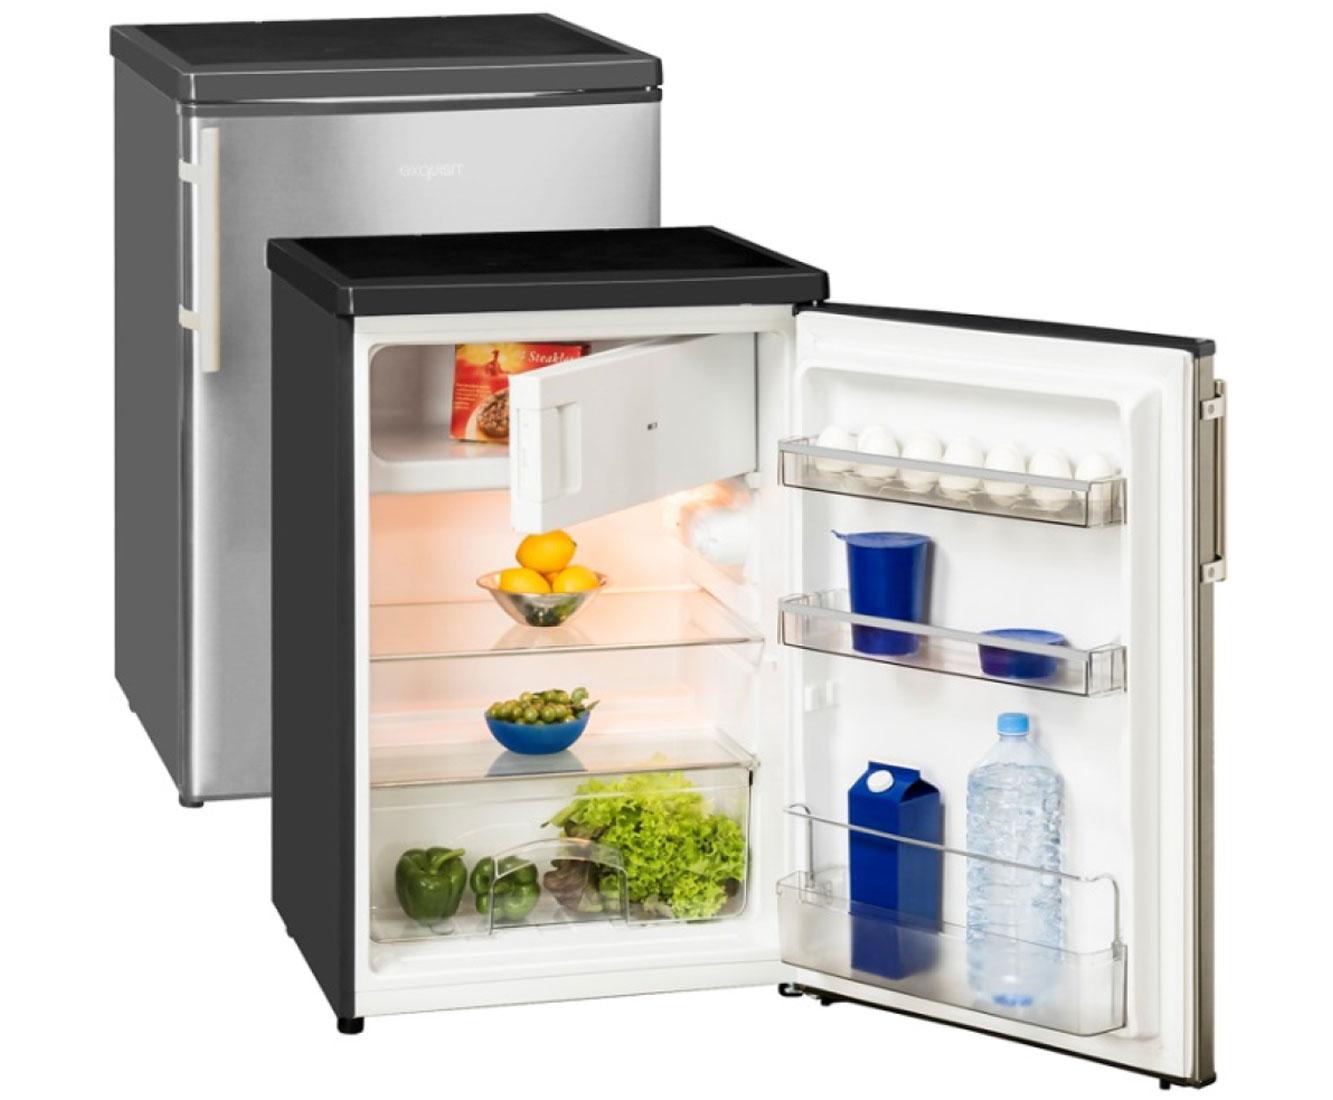 Kühlschrank Minibar Getränkekühlschrank Silber A Edelstahl Glastür 80l : Kühlschränke in aufstellung unterbauf hig farbe silber ebay